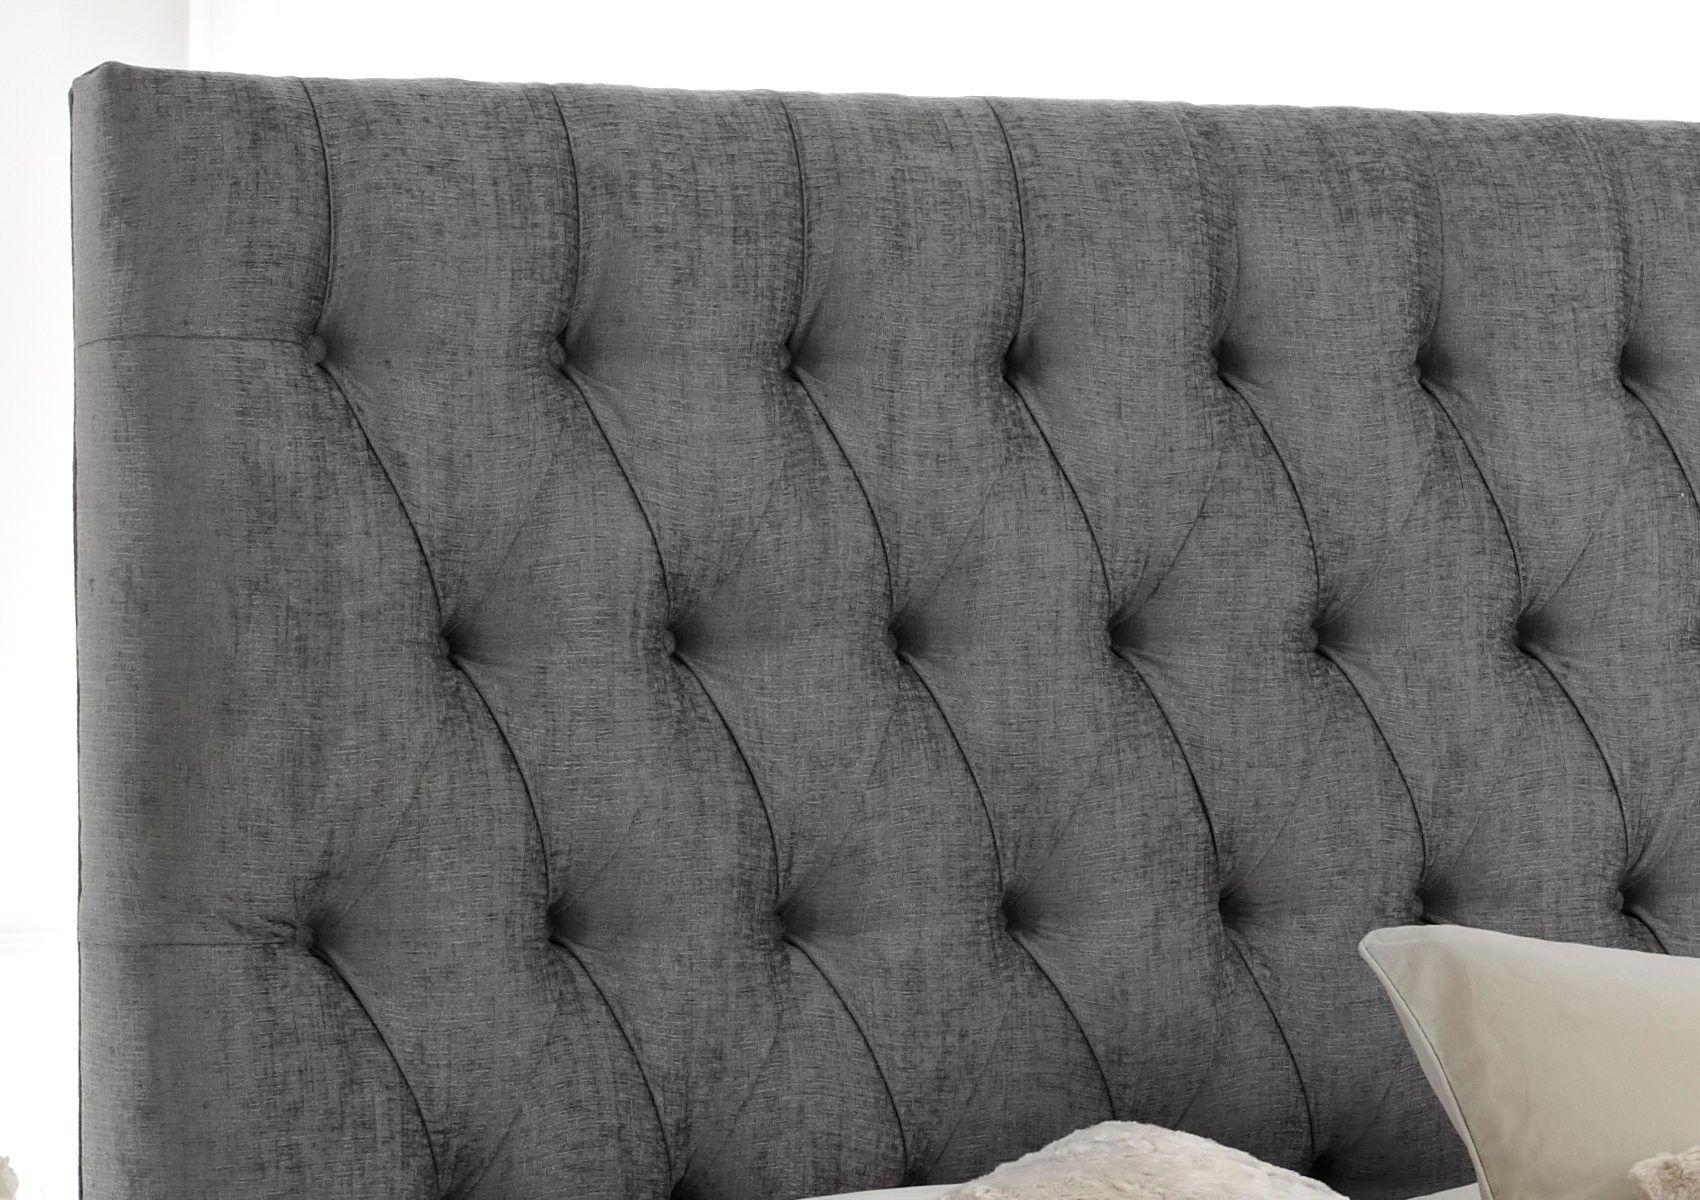 Kensington Upholstered Bed Divan Base And Headboard Fabric Bed  ~ Kensington Upholstered Sofa